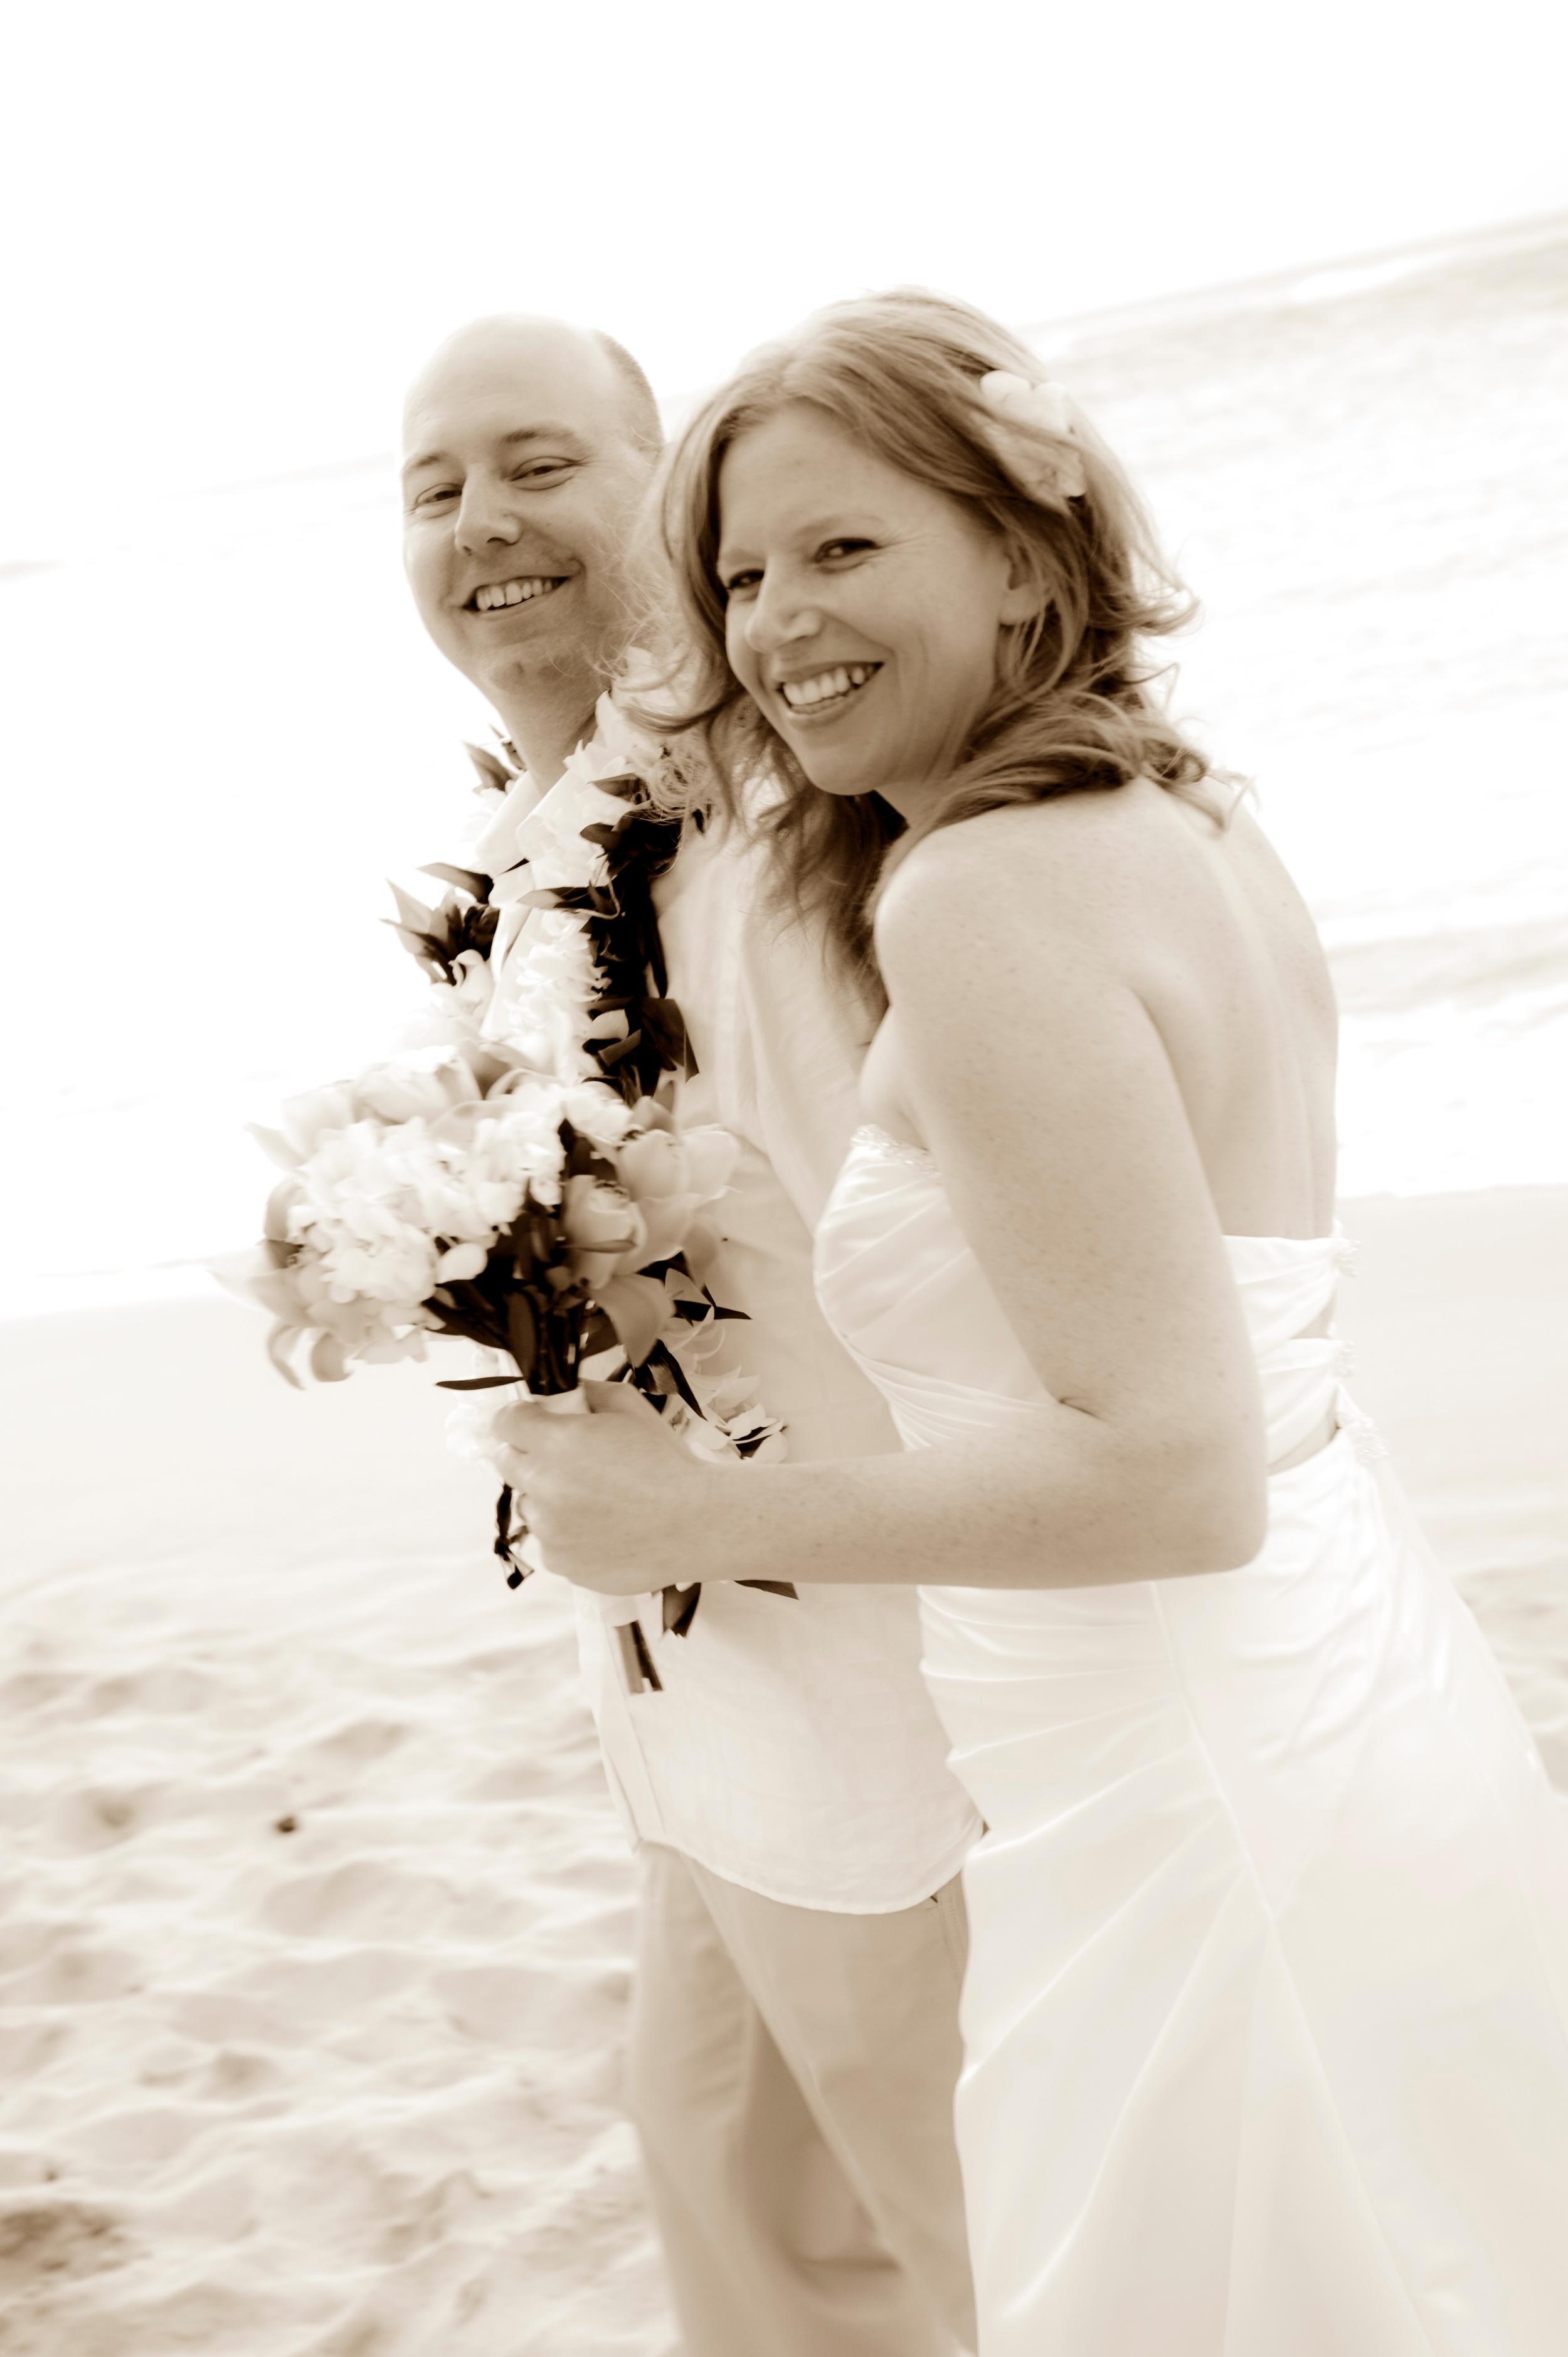 Wedding++31722-1852465423-O.jpg